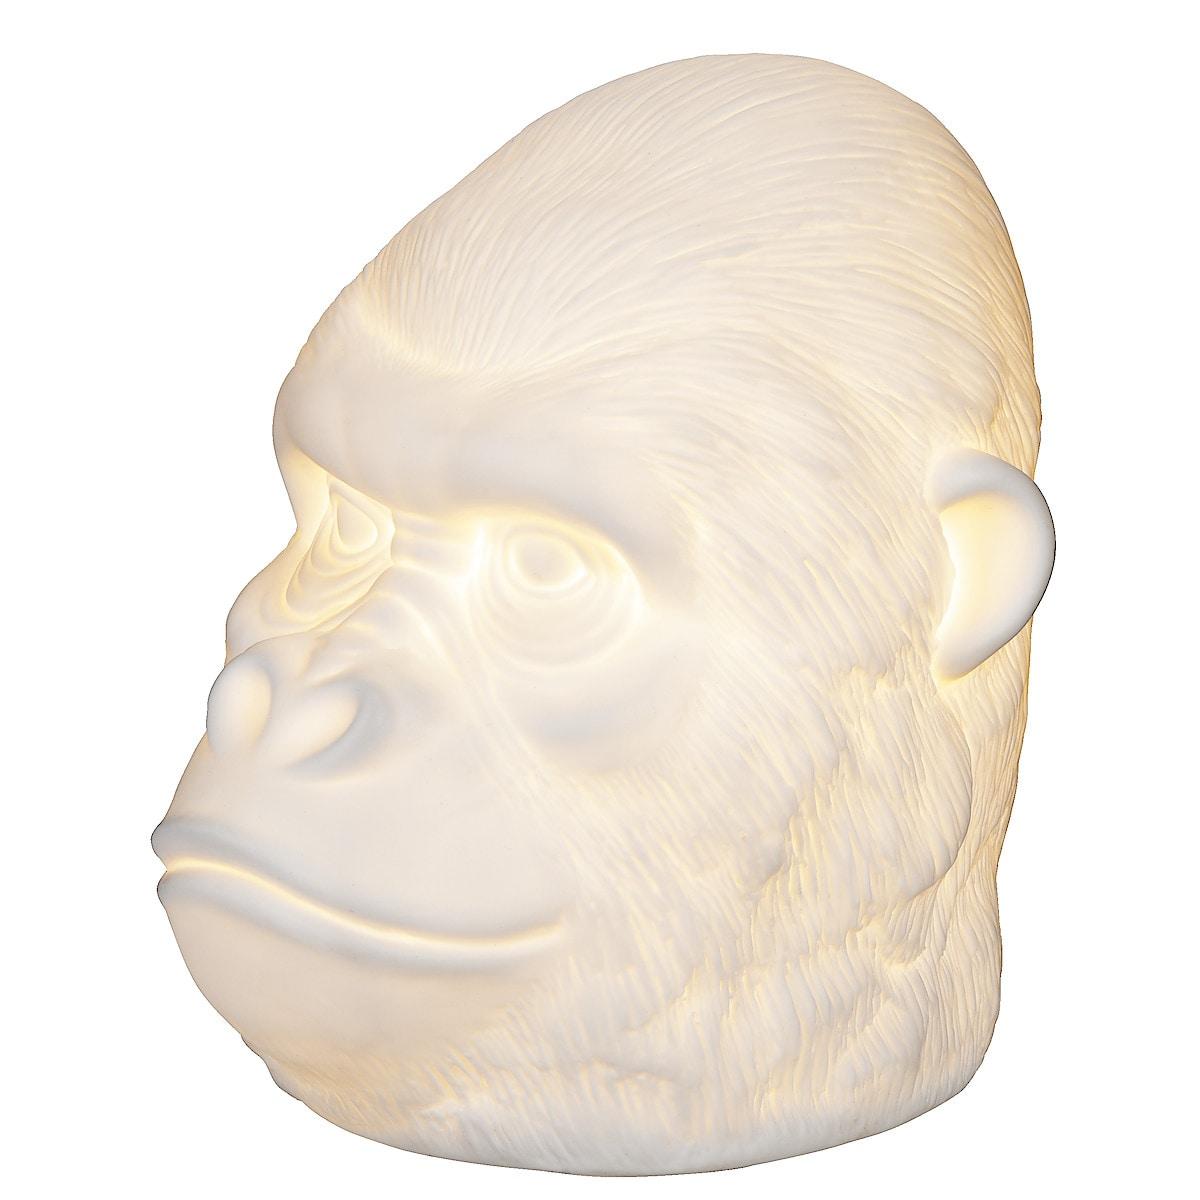 Bordslampa Gorilla i porslin, Northlight